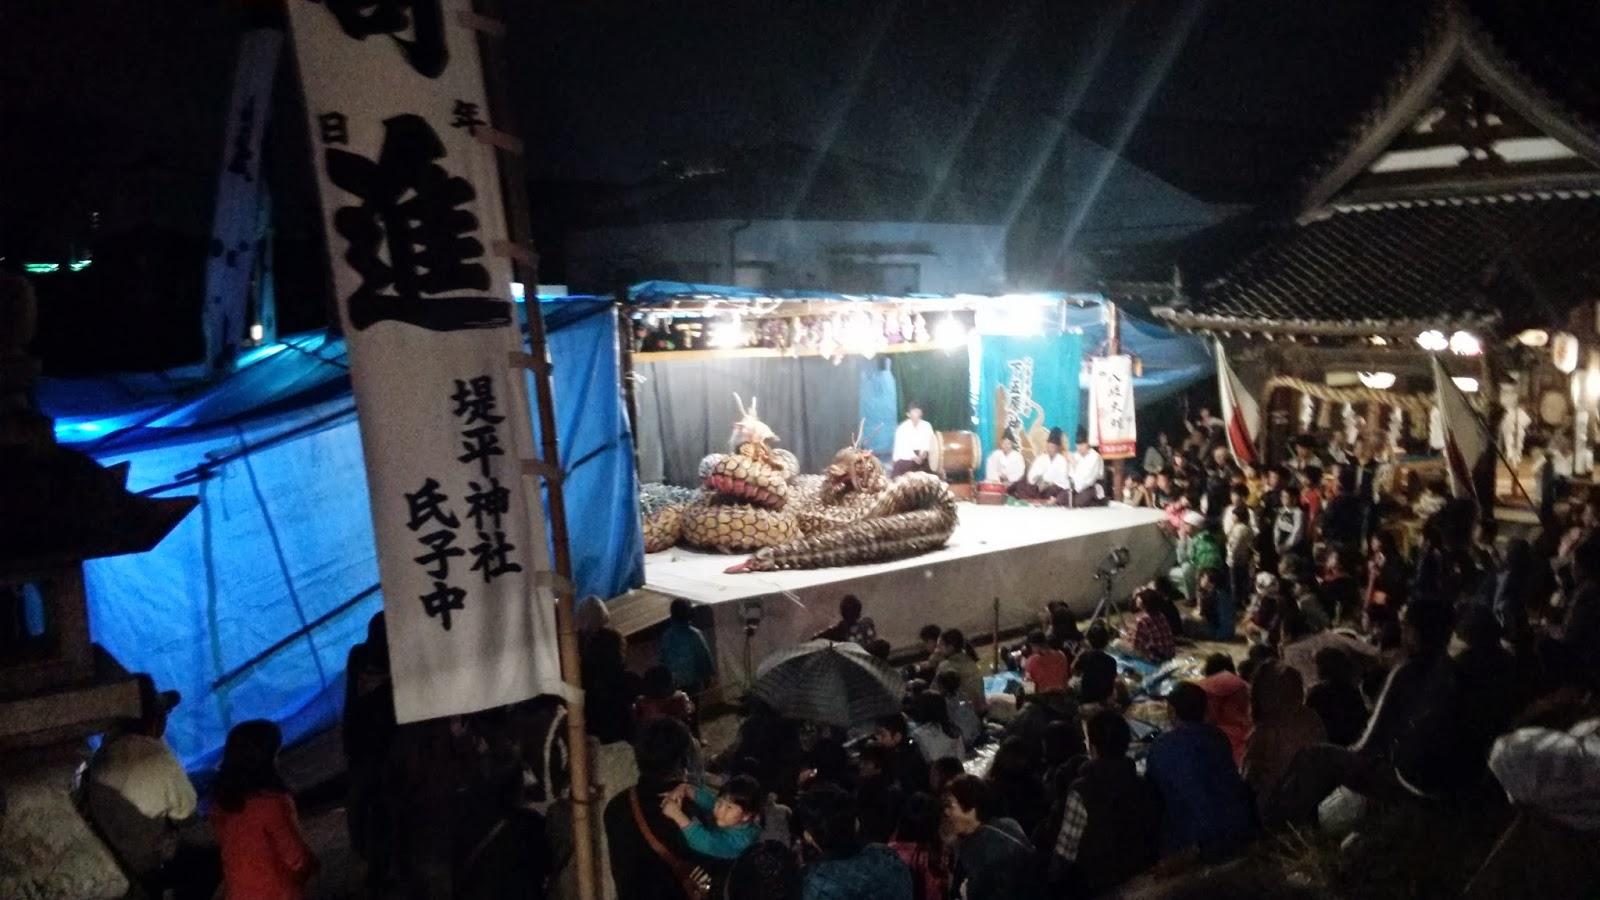 堤平神社 神楽